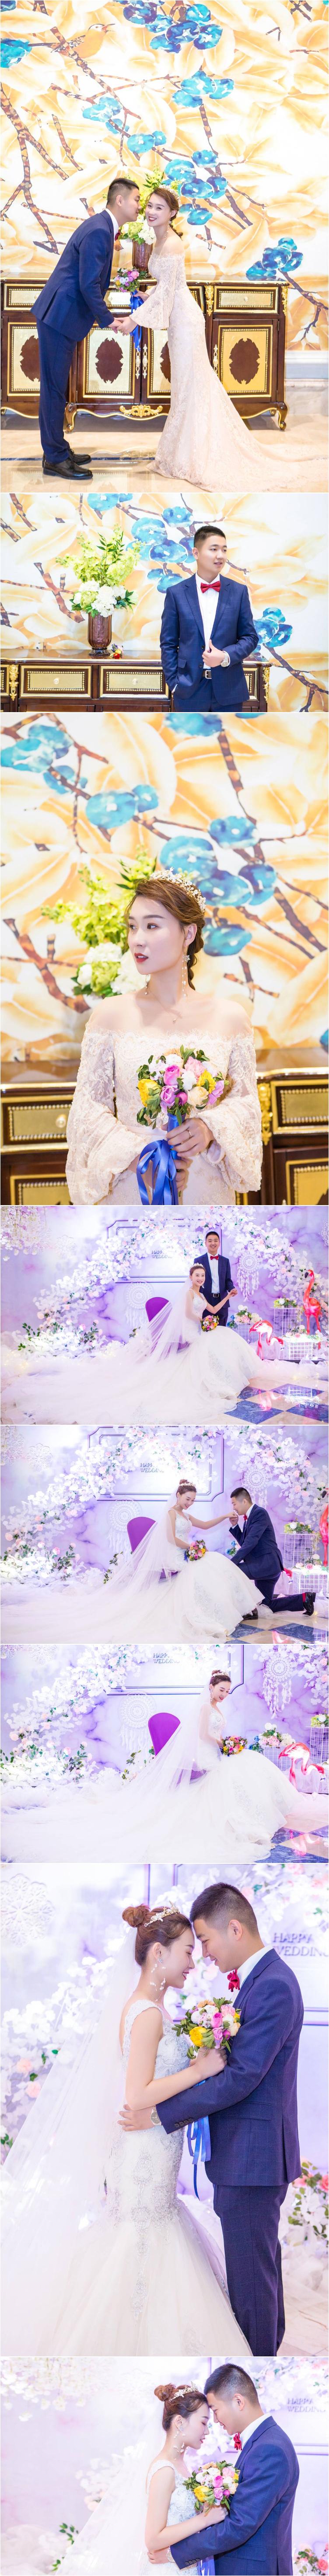 王艺程&贾兴华婚礼瞬间